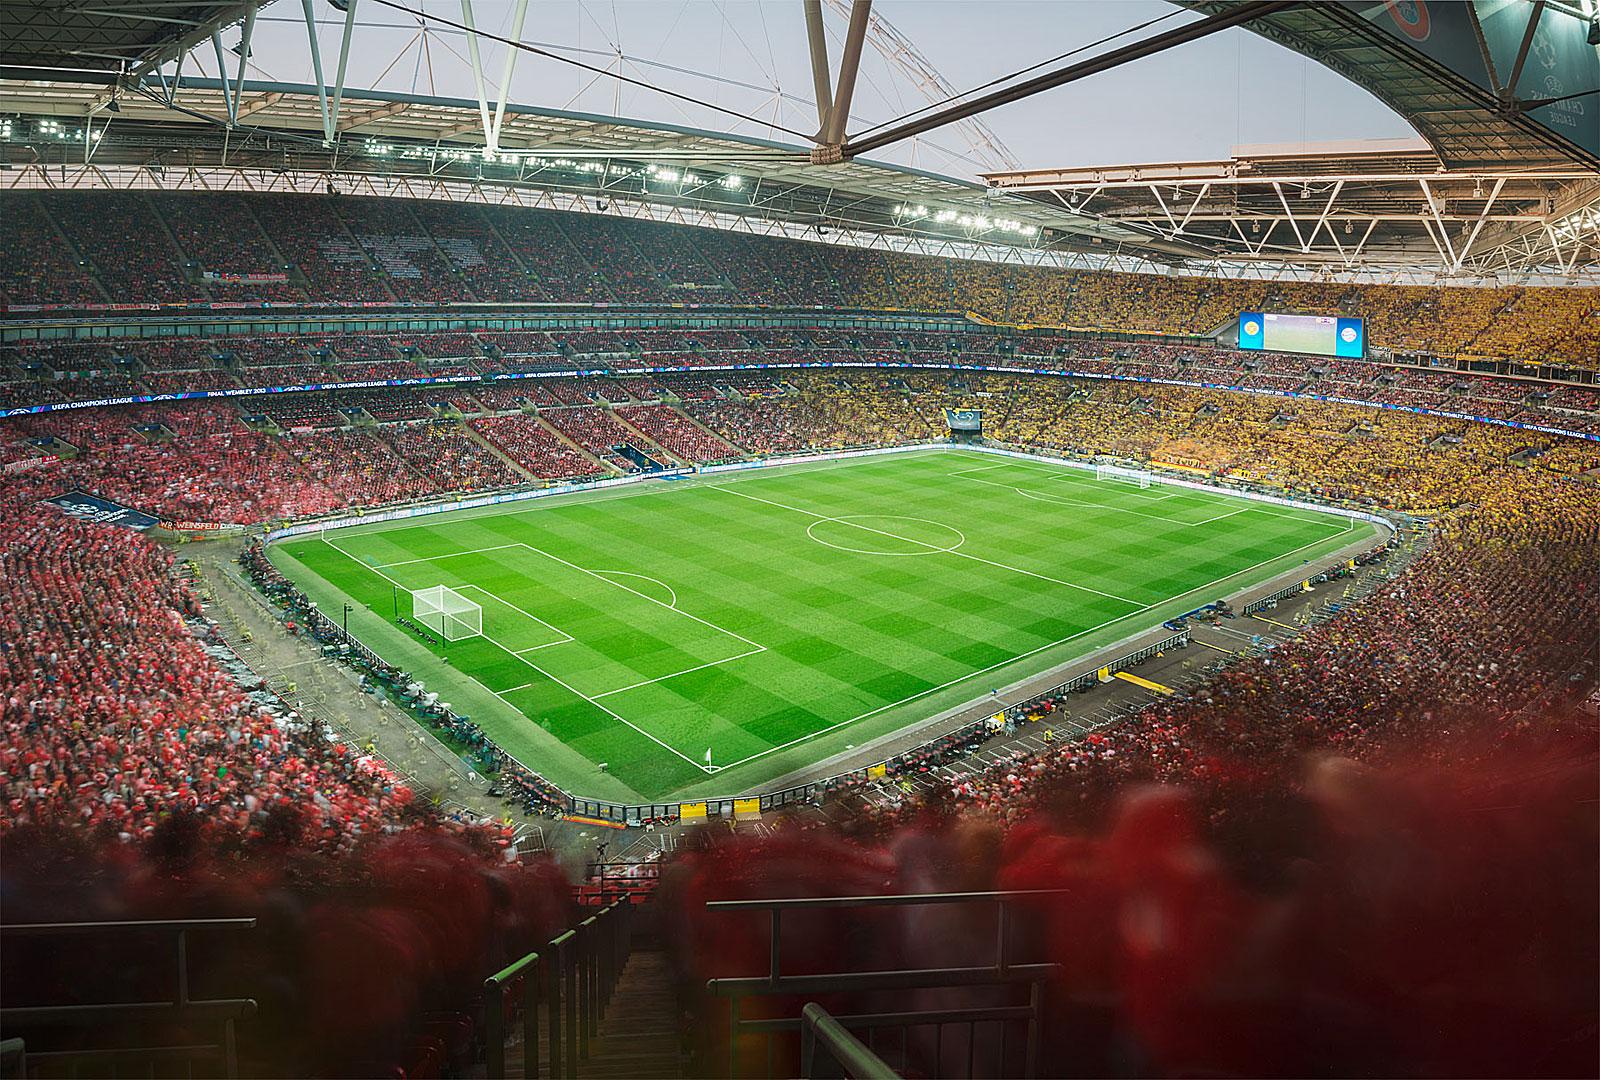 Borussia Dortmund - FC Bayern München, Wembley Stadium (20.45 - 22.40 Uhr, 25.5.2013)